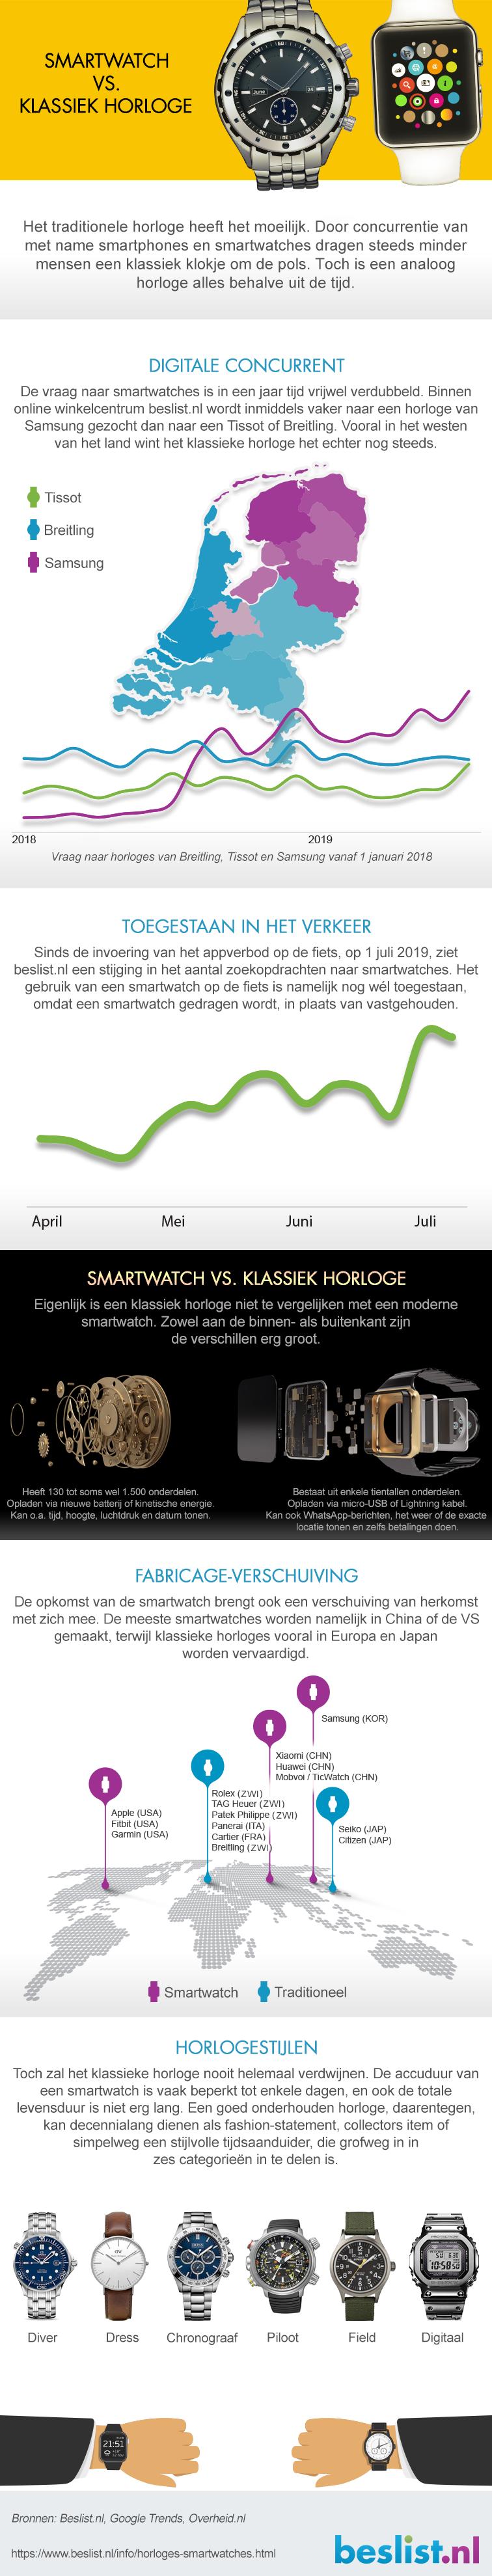 Infographic smartwatches vs klassieke horloges